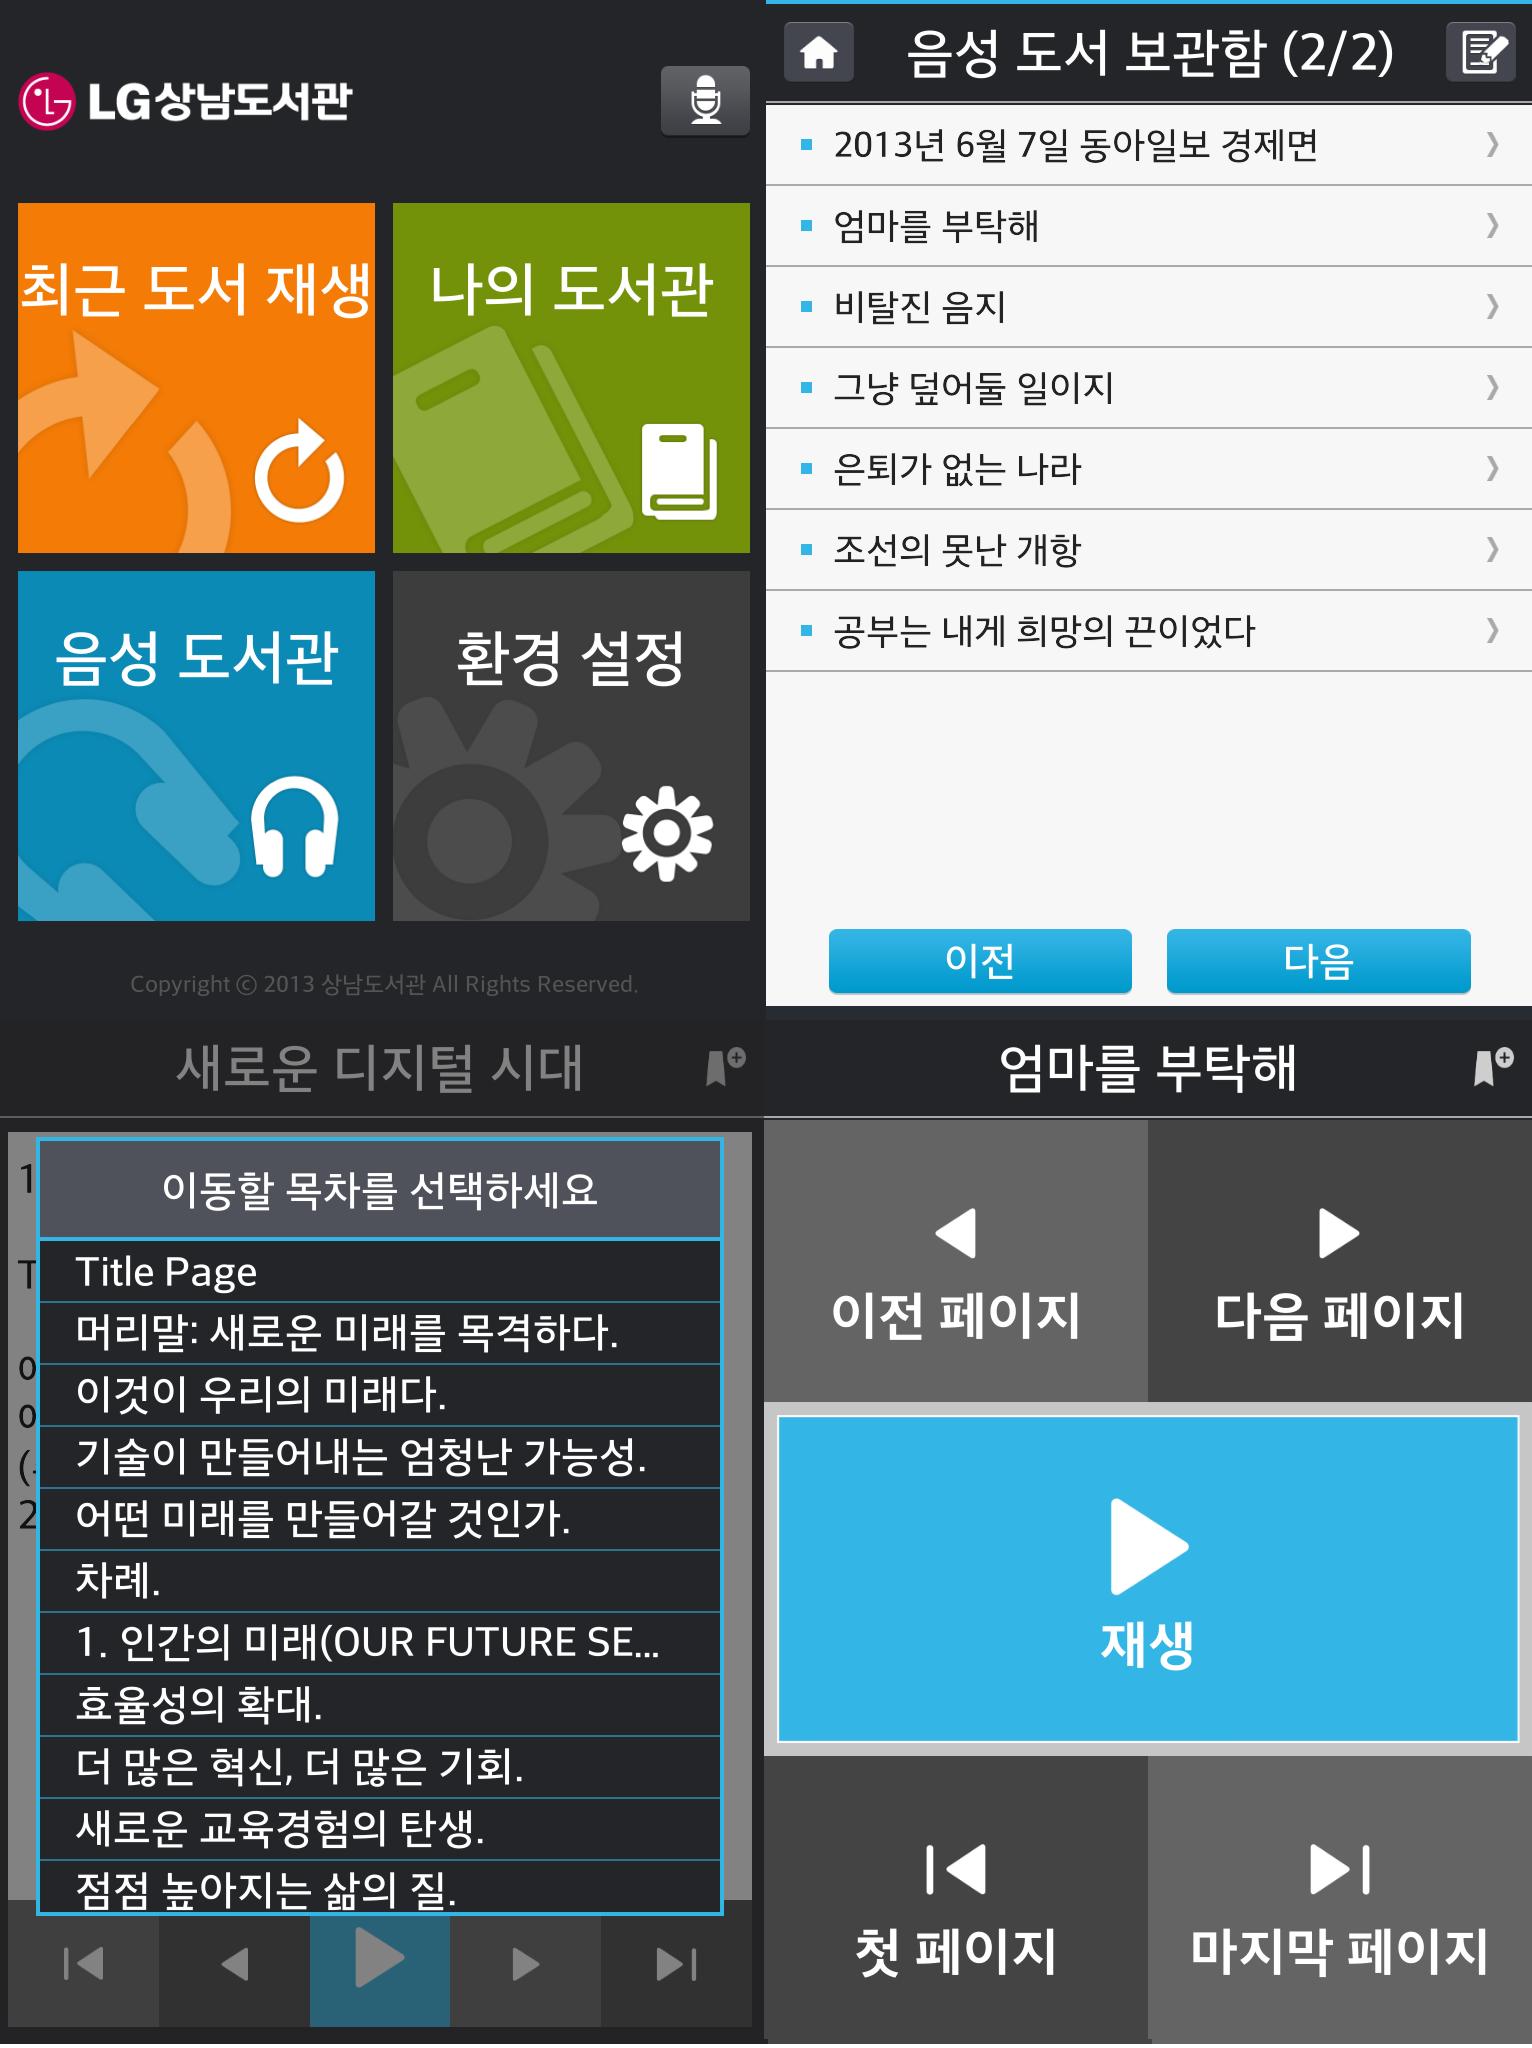 '책 읽어주는 도서관' 앱에 접속해 어플을 실행한 모습